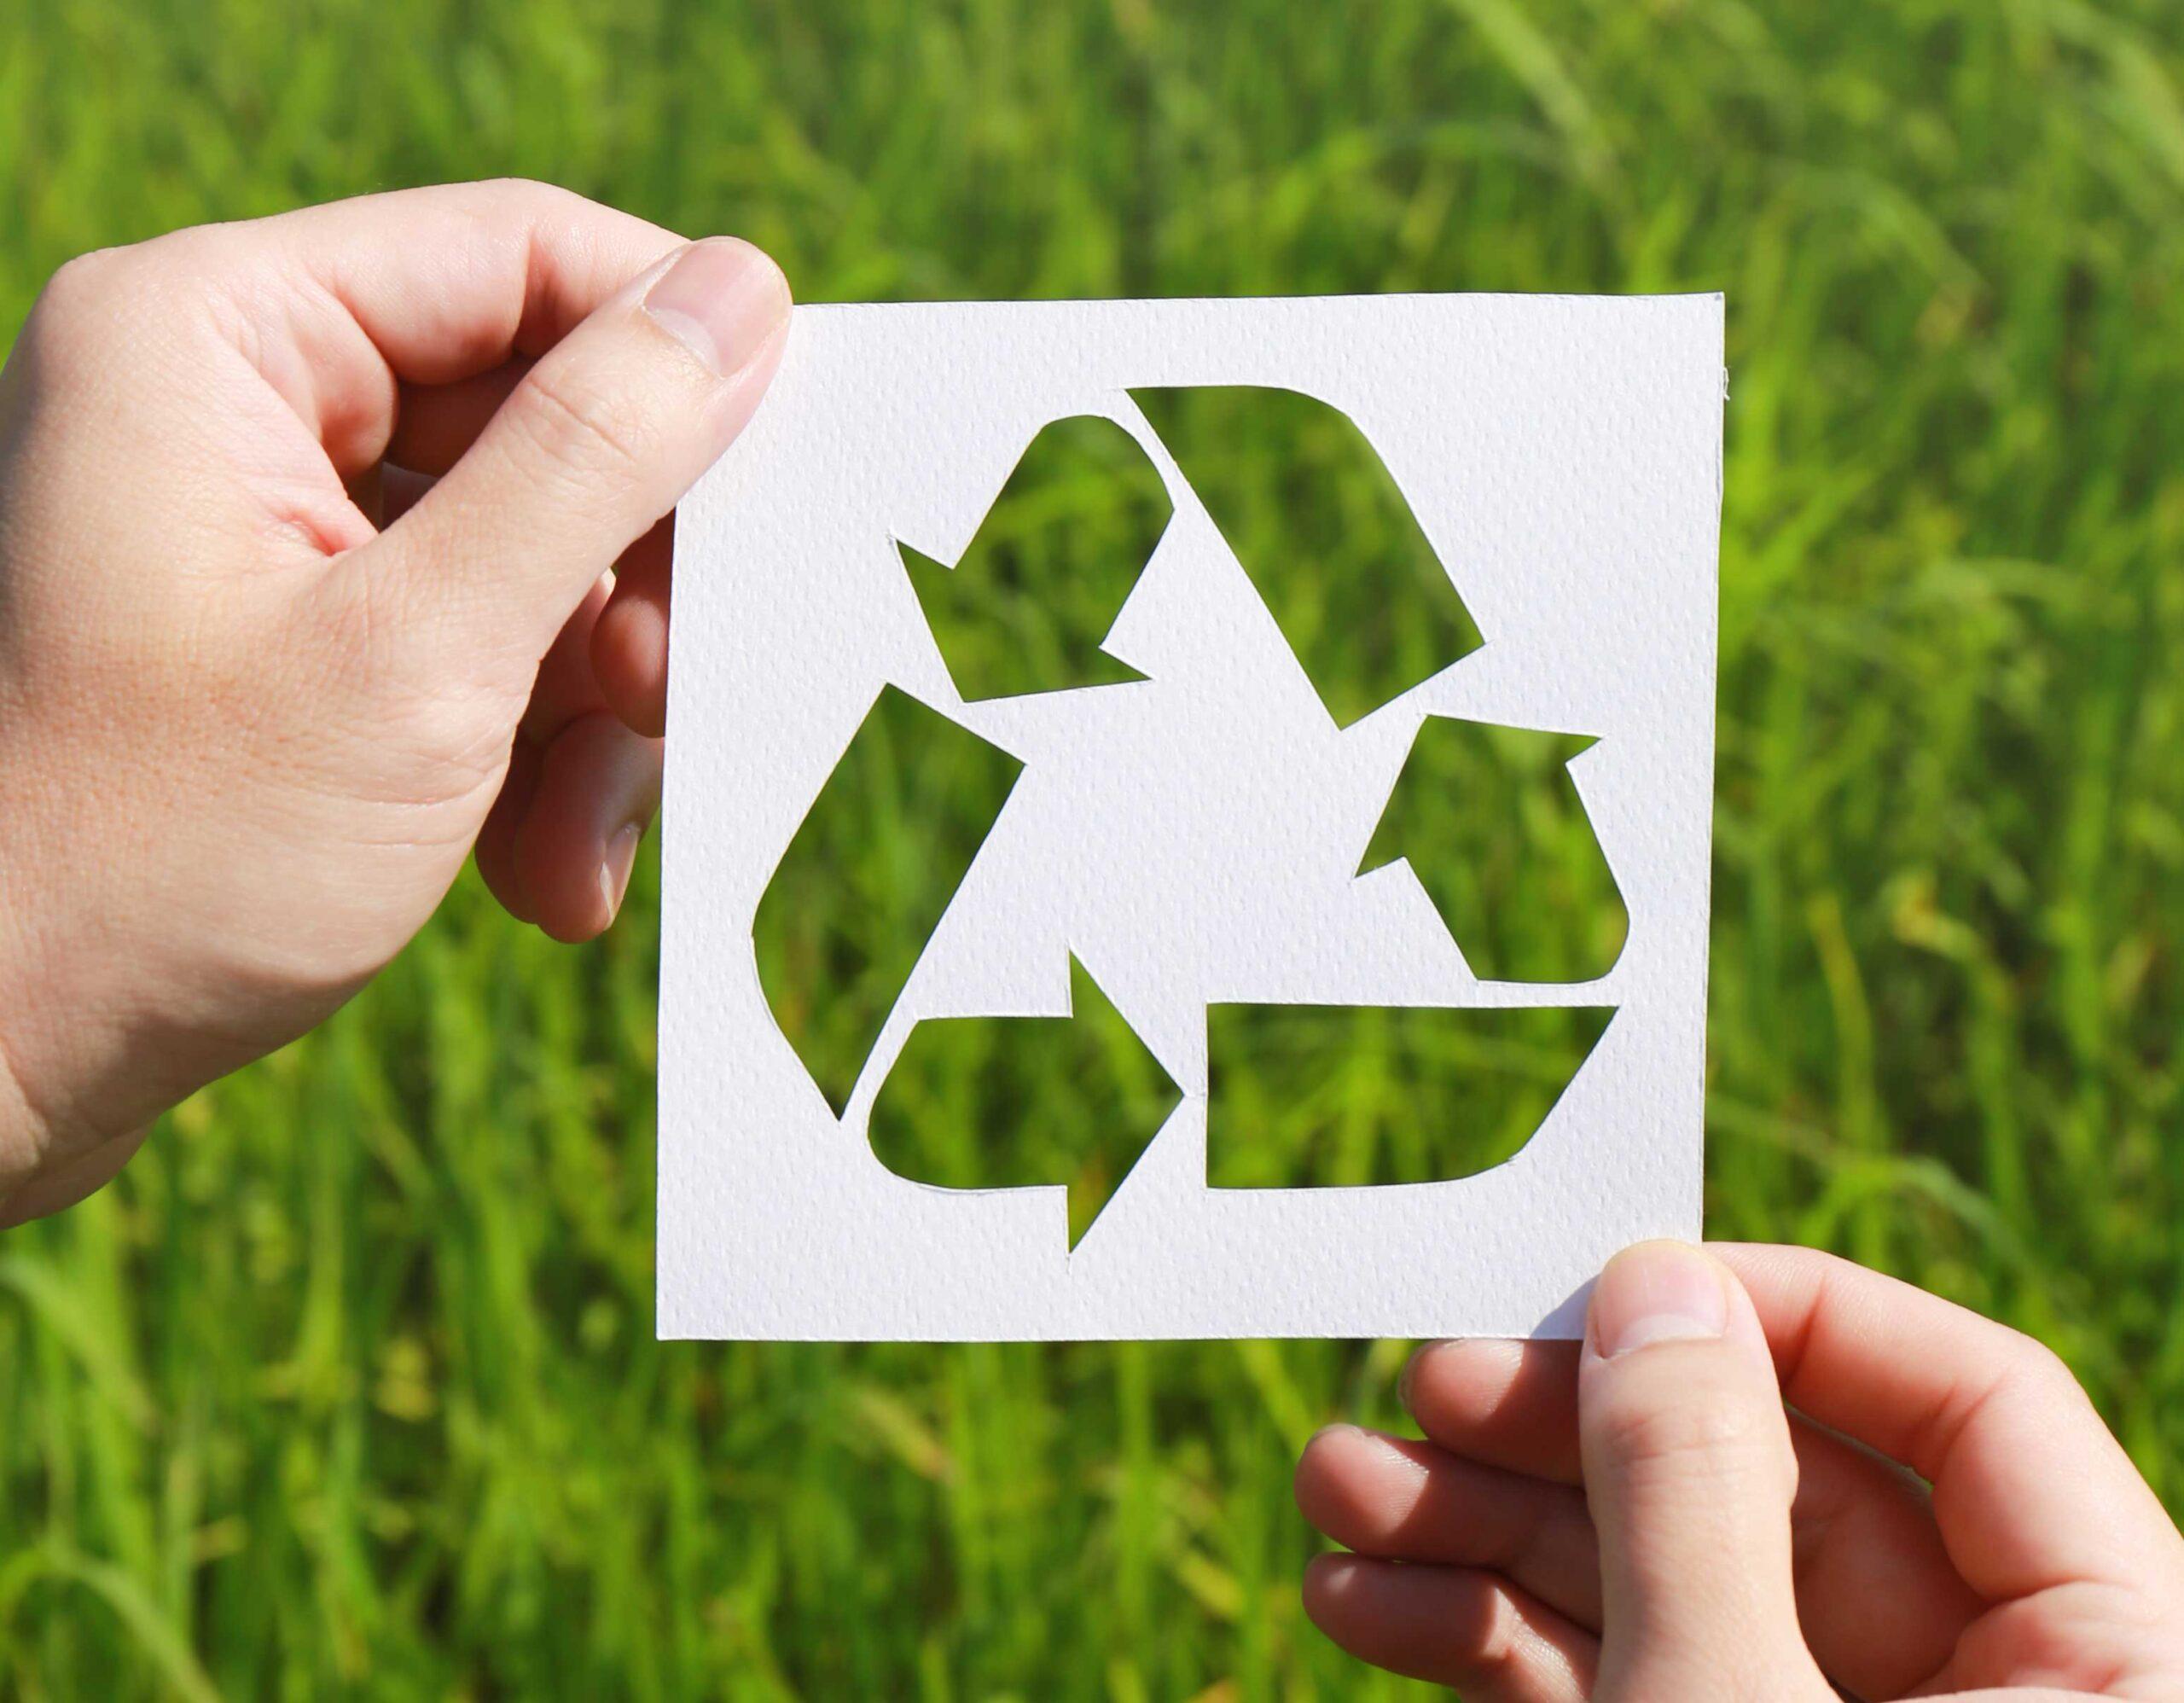 Kädet pitelevät valkoiseen paperiin leikattua kierrätysmerkkiä vihreän nurmikon päällä.